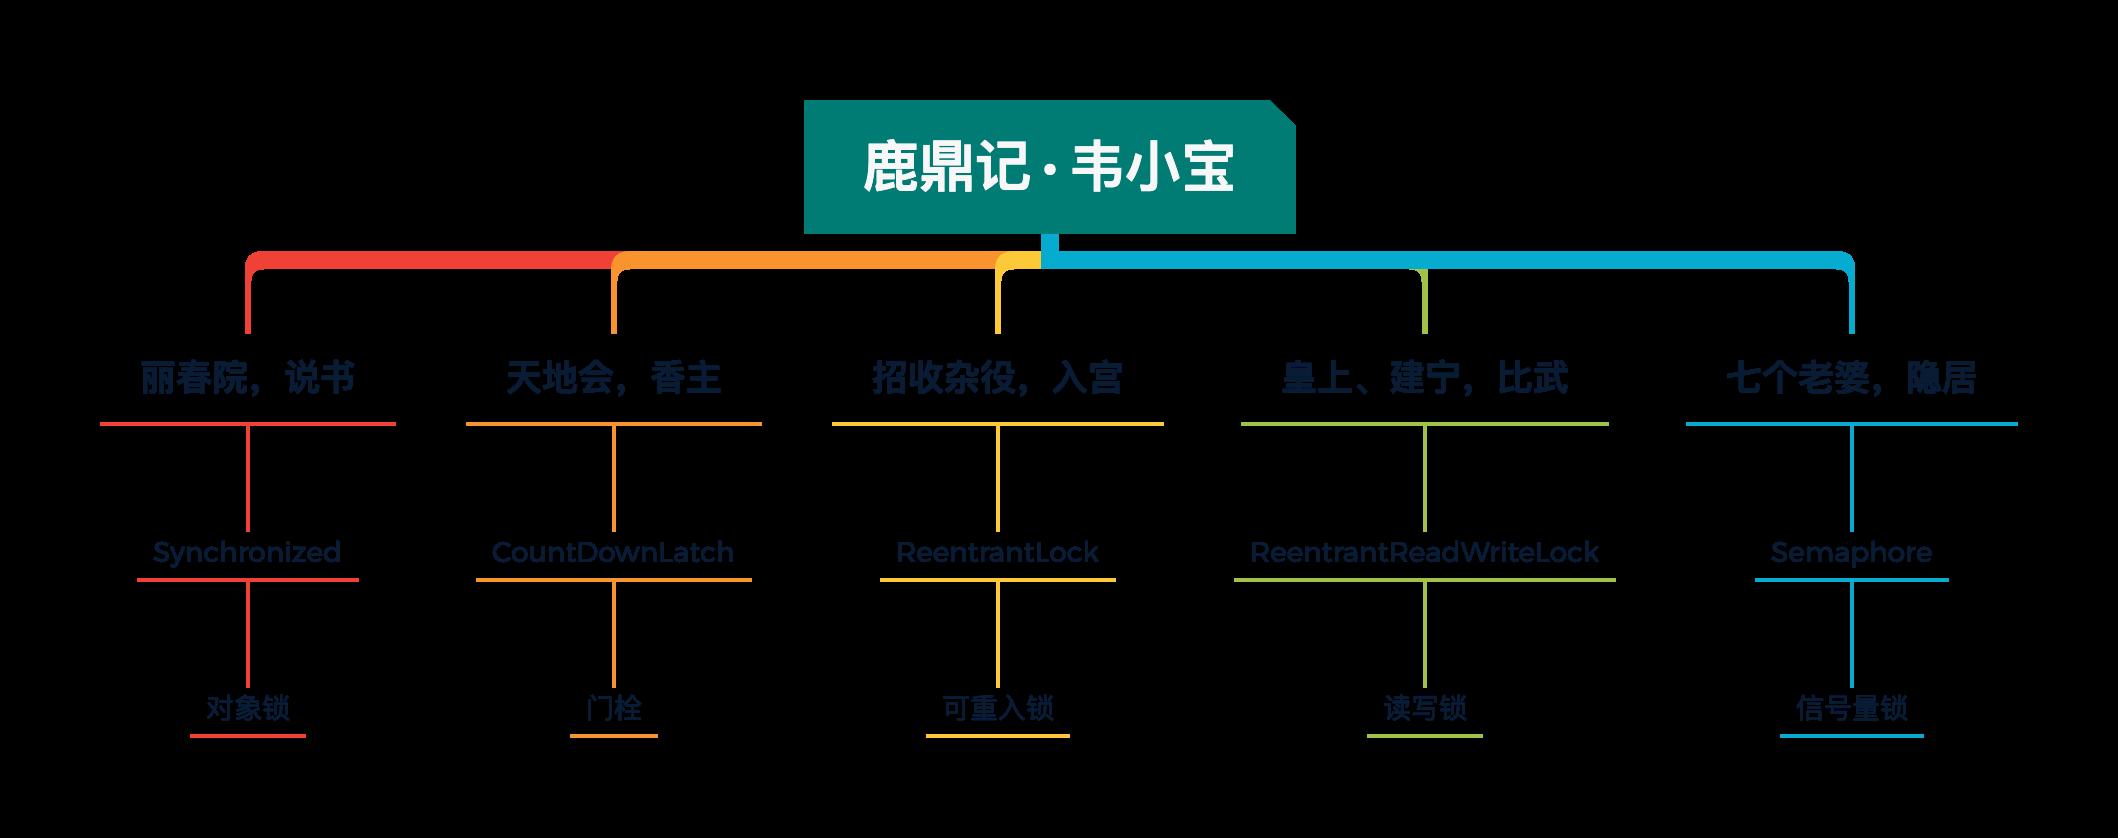 图 12-1 鹿鼎记·韦小宝,多线程恶搞例子